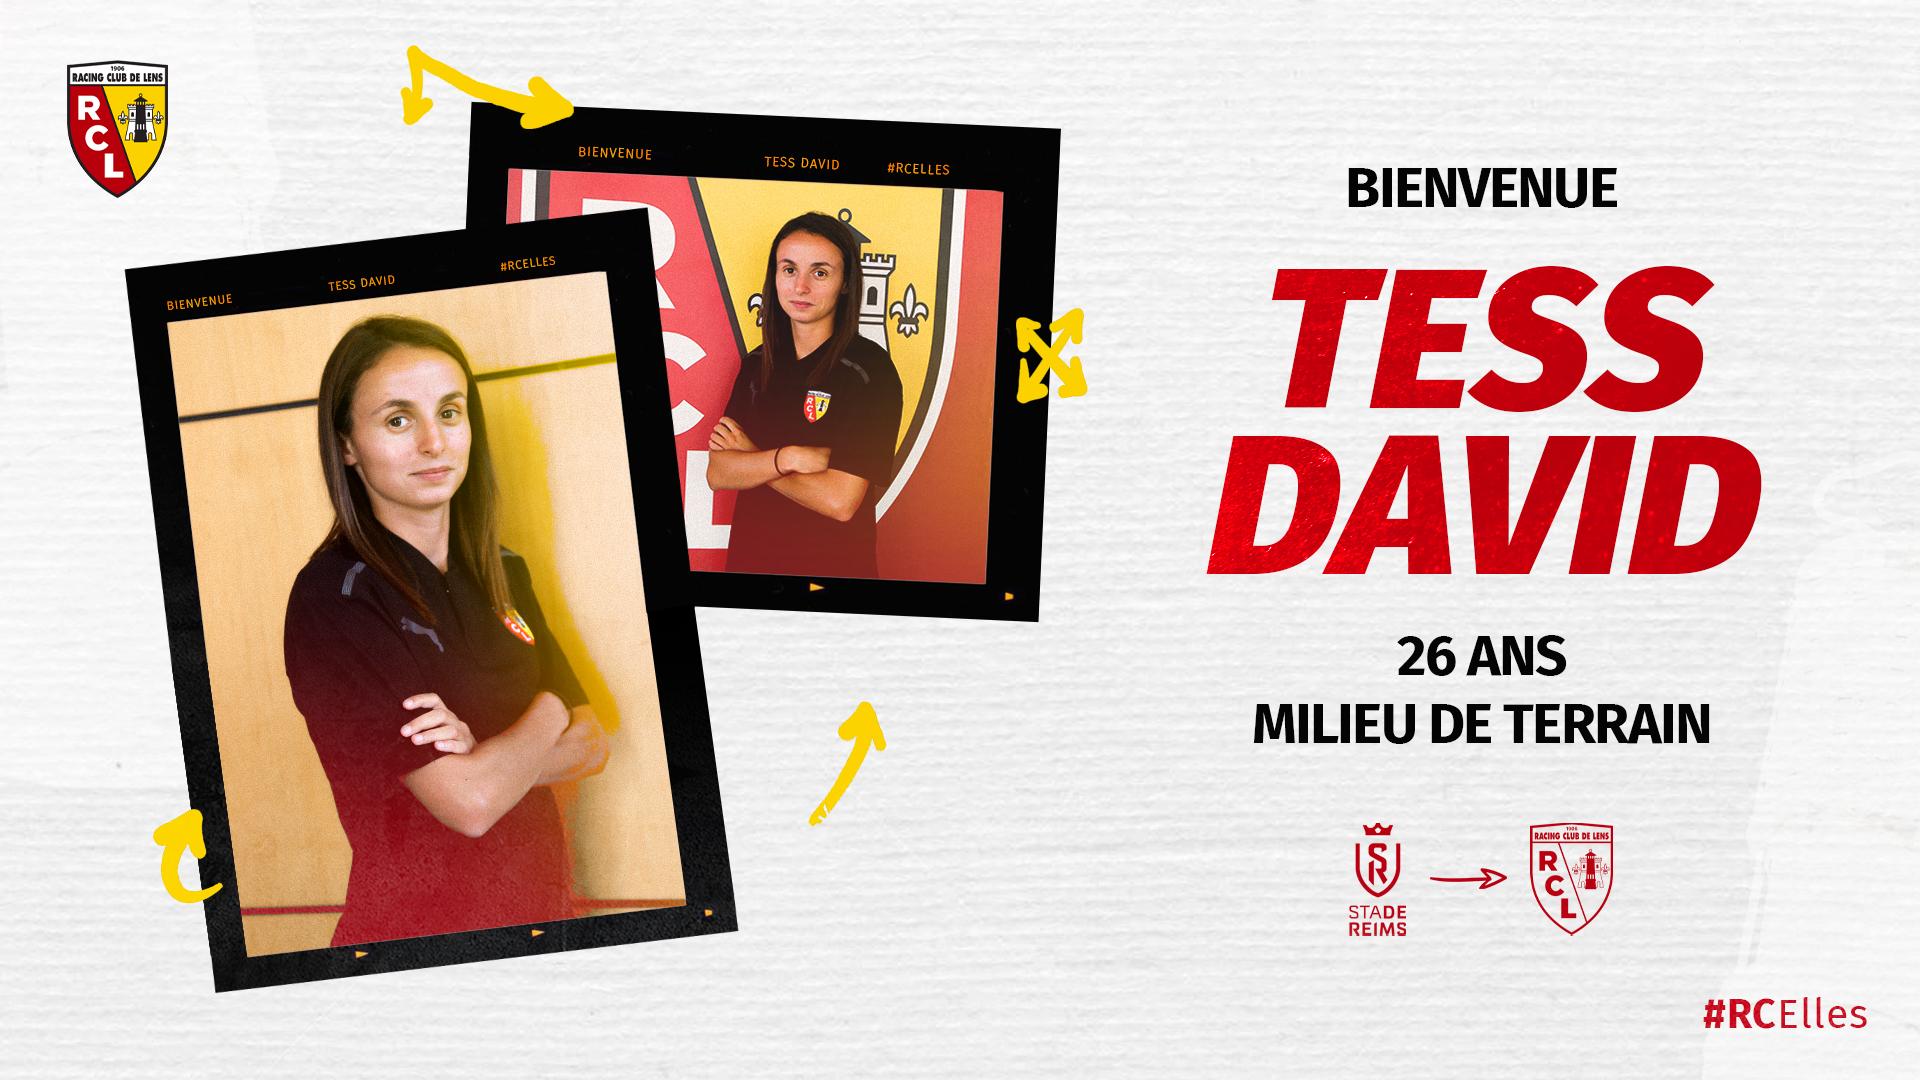 Tess David